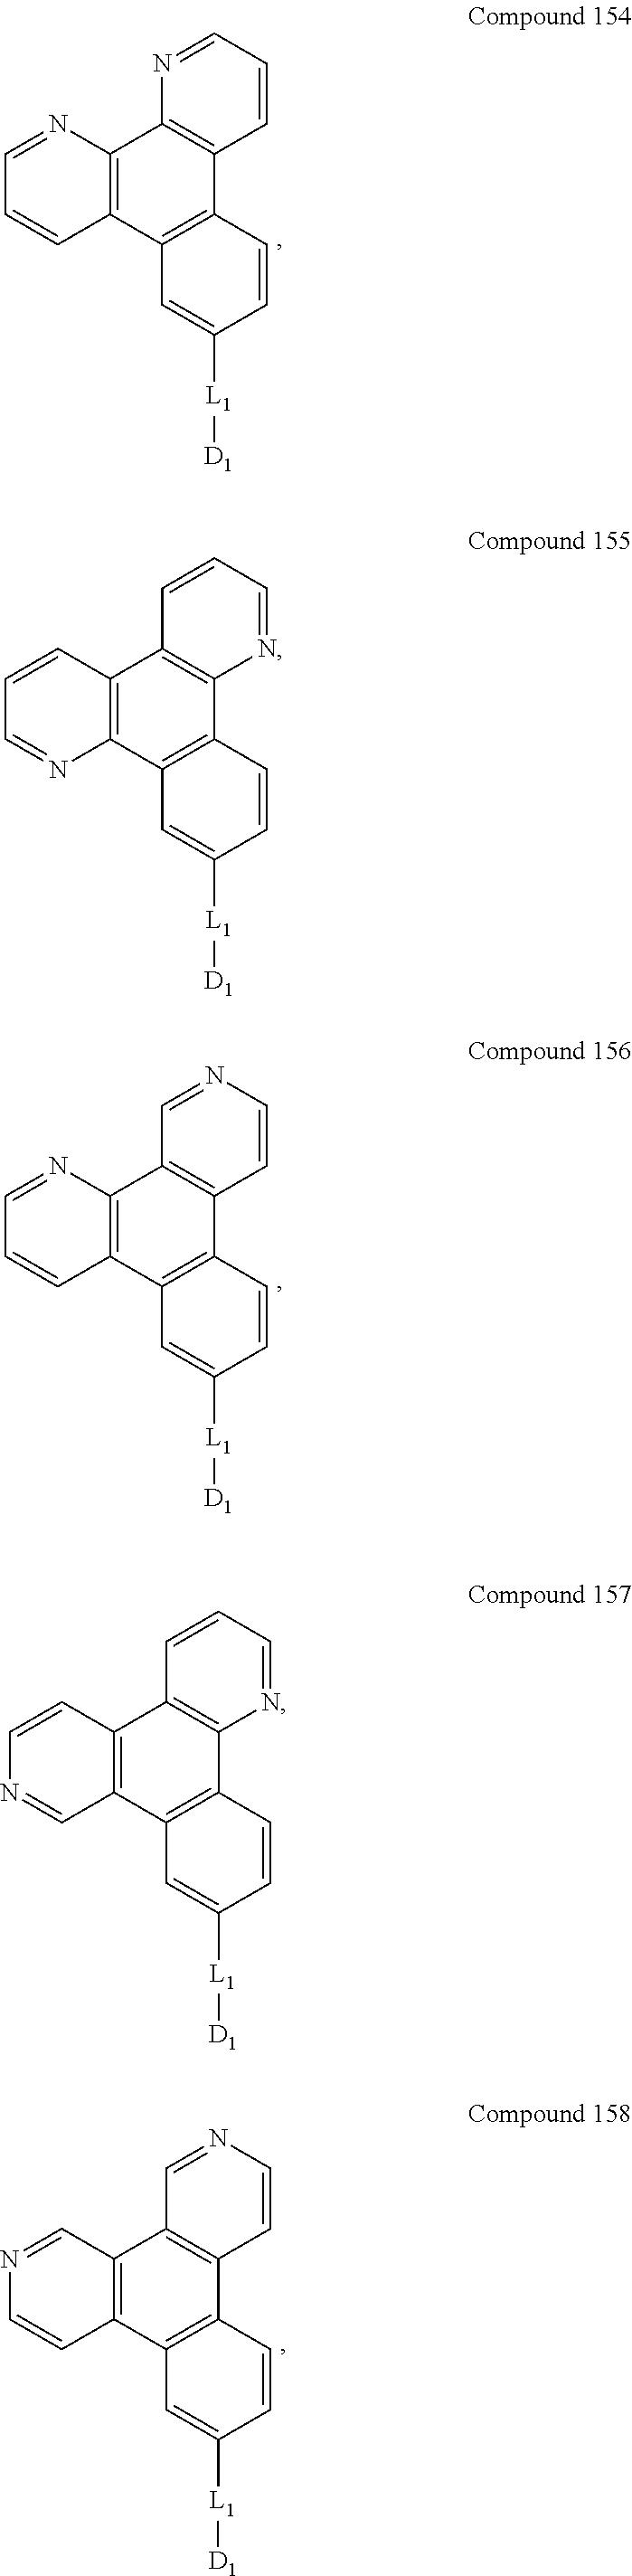 Figure US09537106-20170103-C00075